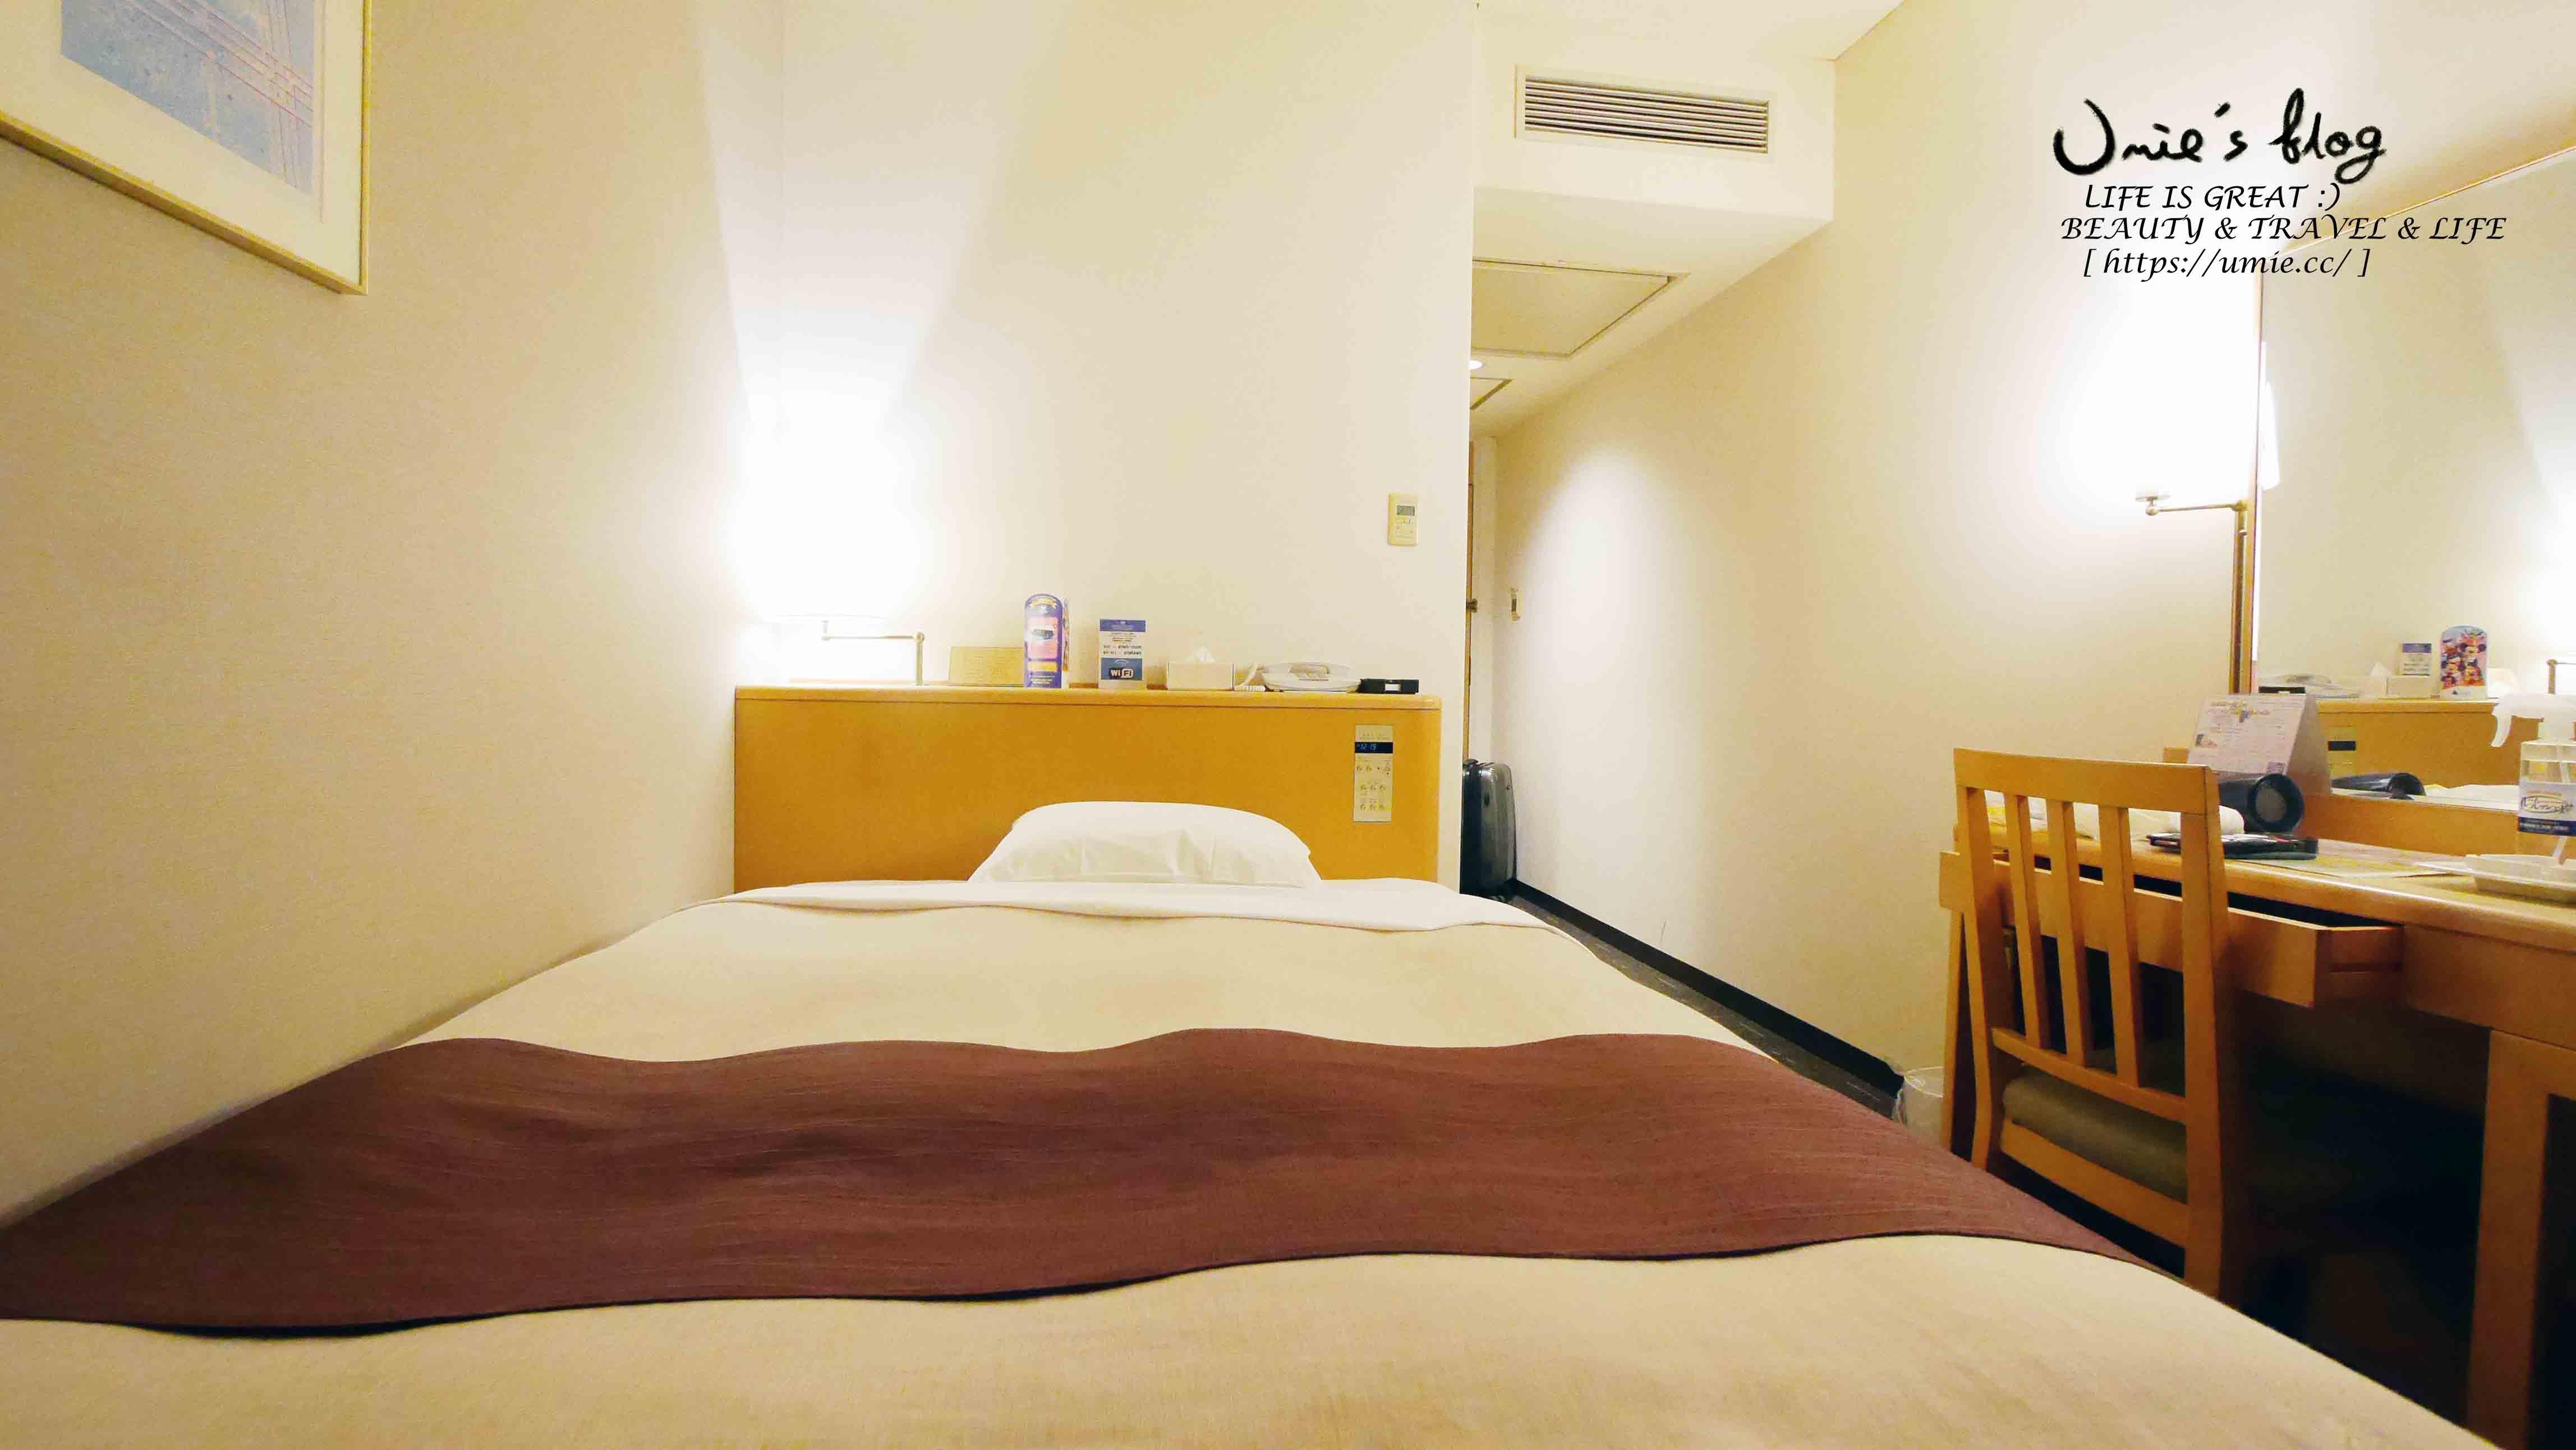 東京住宿推薦|近台場、迪士尼、東京Big sight、wifi、早餐好吃!東京灣華盛頓酒店 Washington Inn hotel